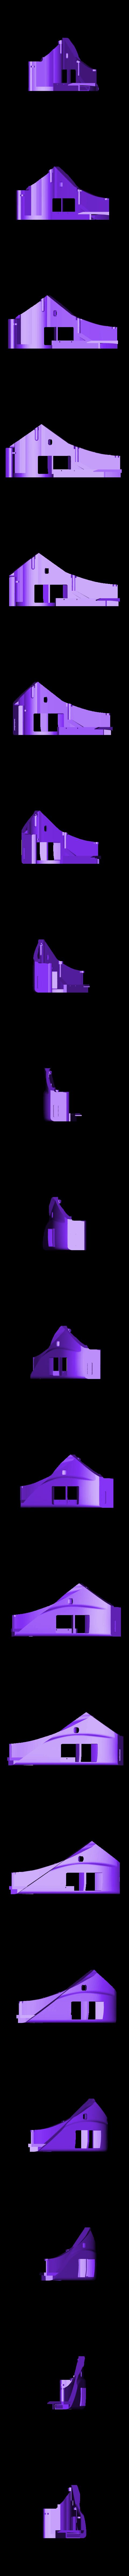 rear fender left.stl Télécharger fichier STL gratuit 1991 Mazda 787B 3d Voiture RC imprimée de 1991 • Objet à imprimer en 3D, brett